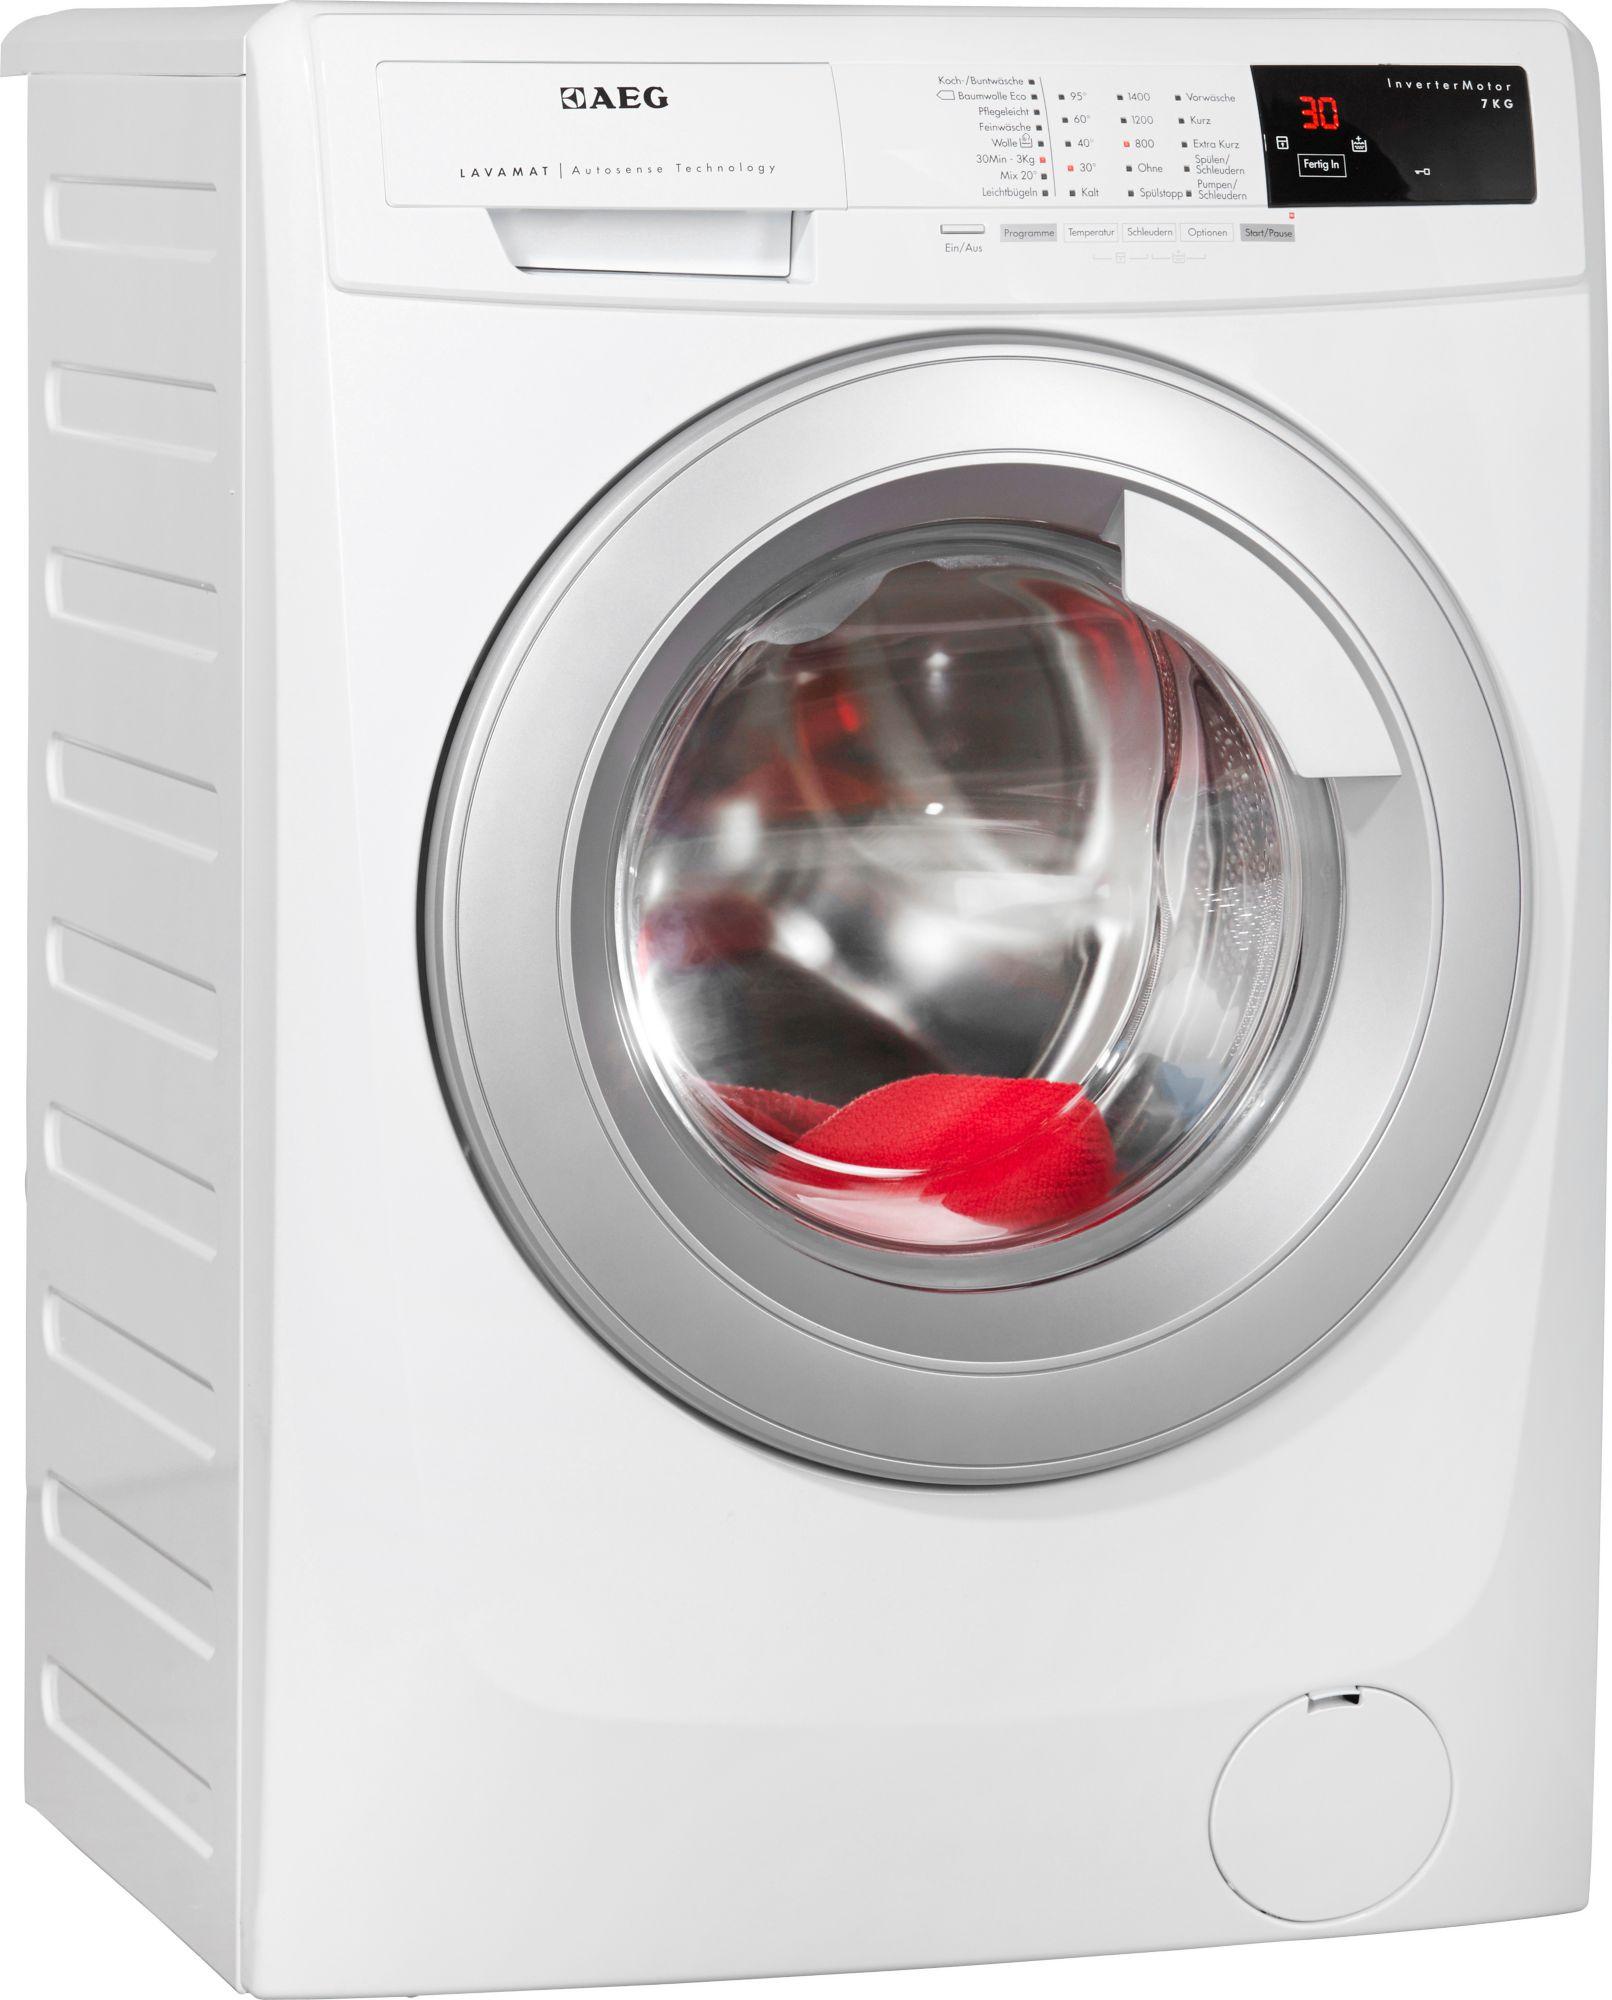 AEG ELECTROLUX AEG Waschmaschine LAVAMAT L14AS7, A+++, 7 kg, 1400 U/Min